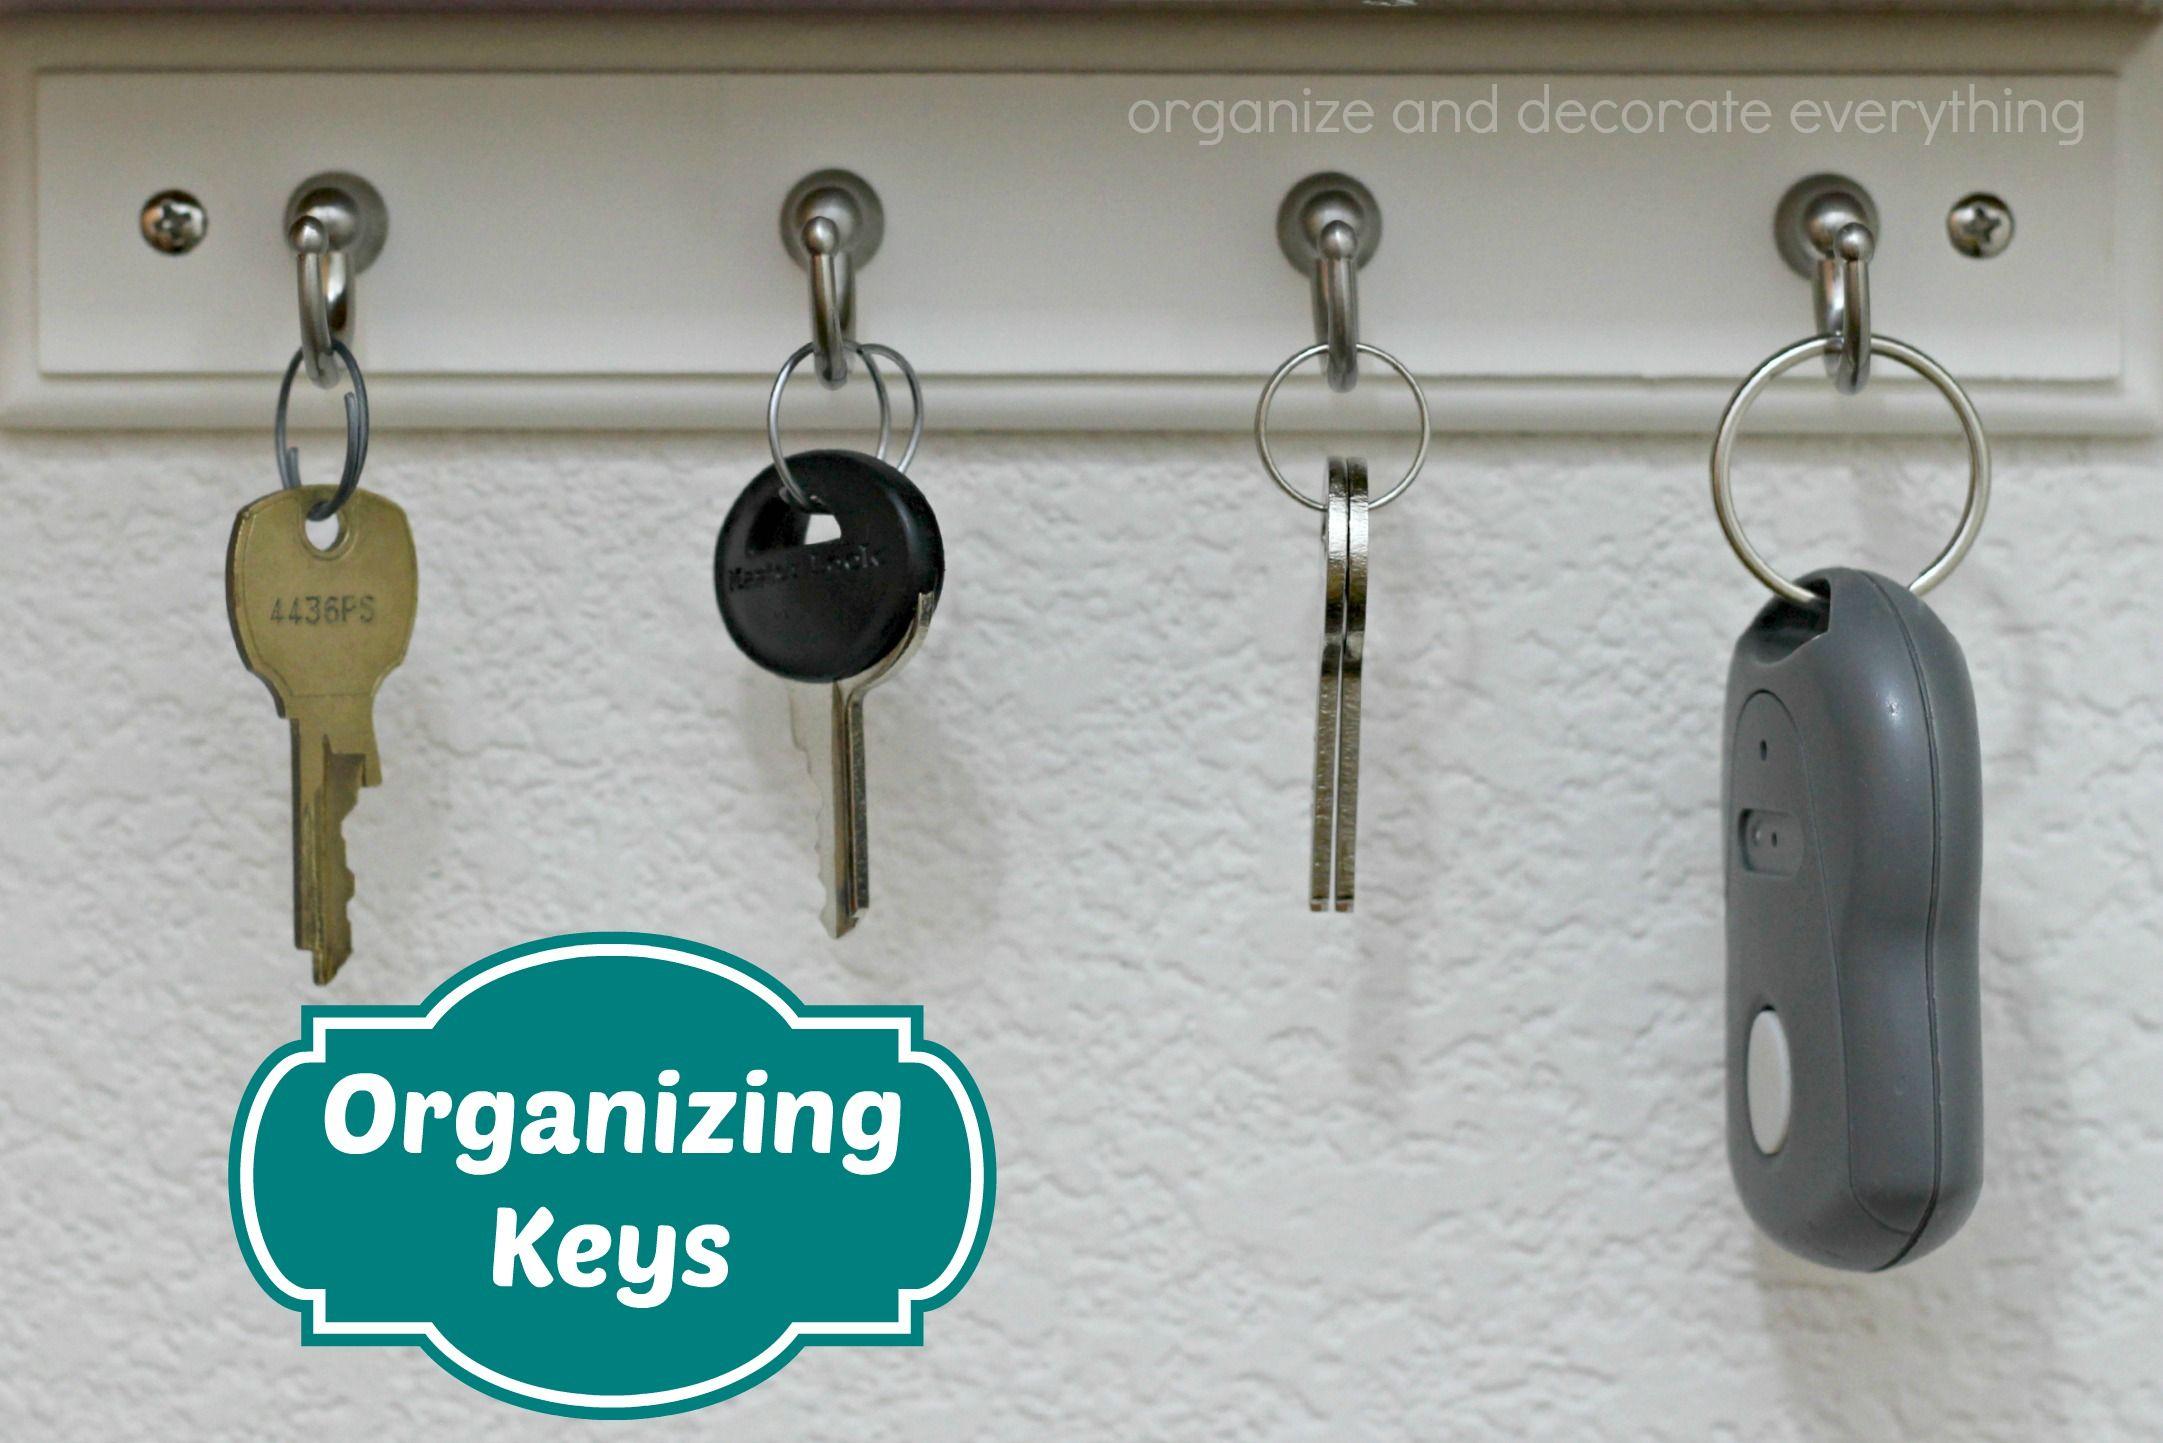 15 Minute Organizing - Keys - Organize and Decorate Everything #31days #15minuteorganizing